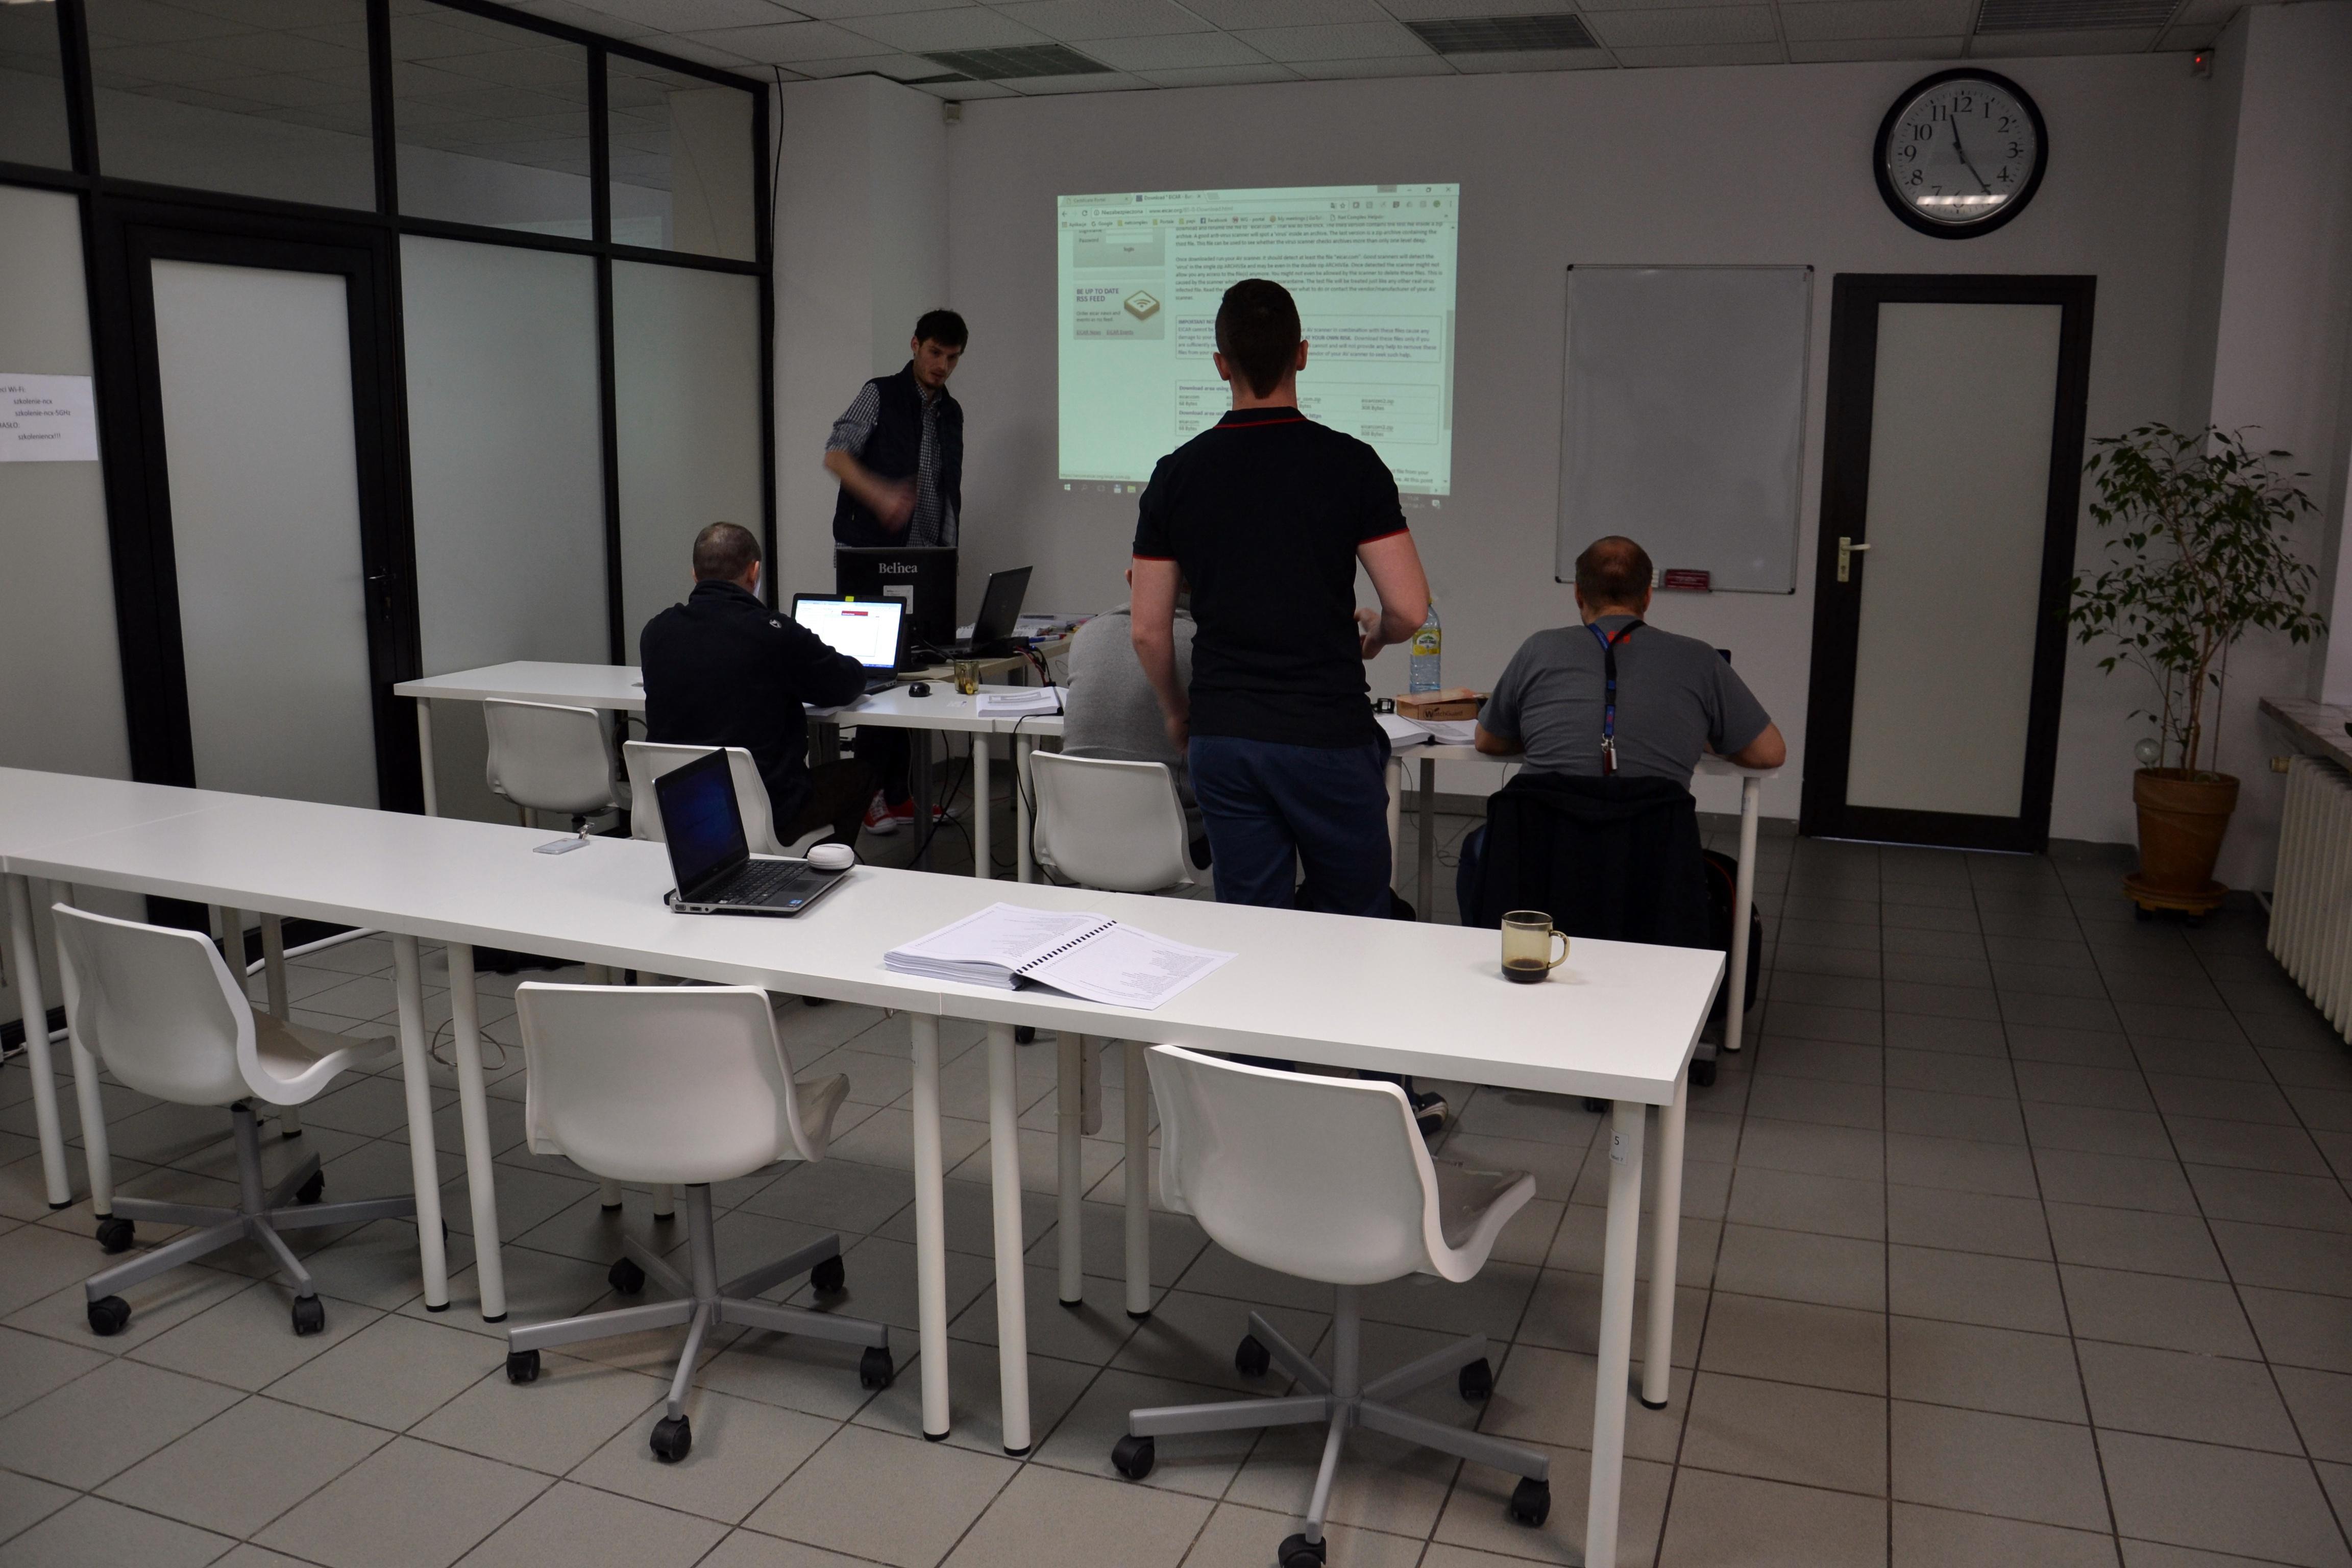 szkolenie2 - Szkolenie wNCx - WatchGuard Fireware Essentials edycja II - netcomplex